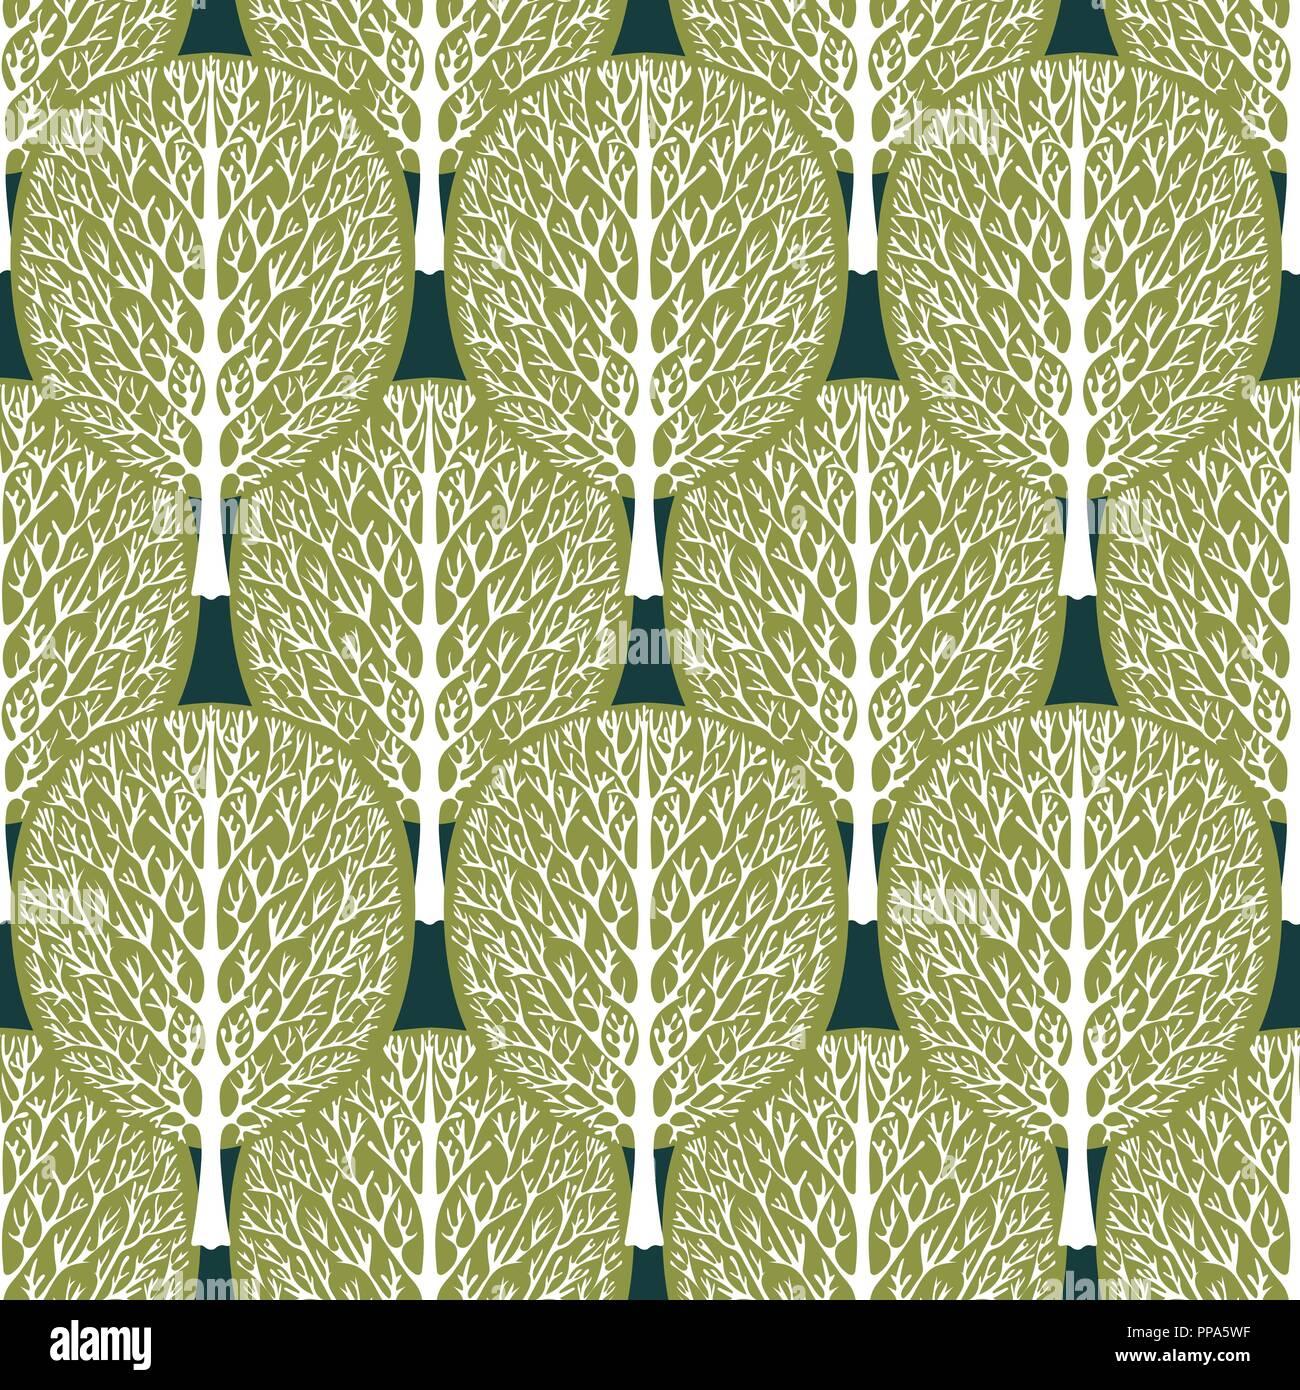 Alberi Astratto Modello Senza Giunture Foresta Stilizzata